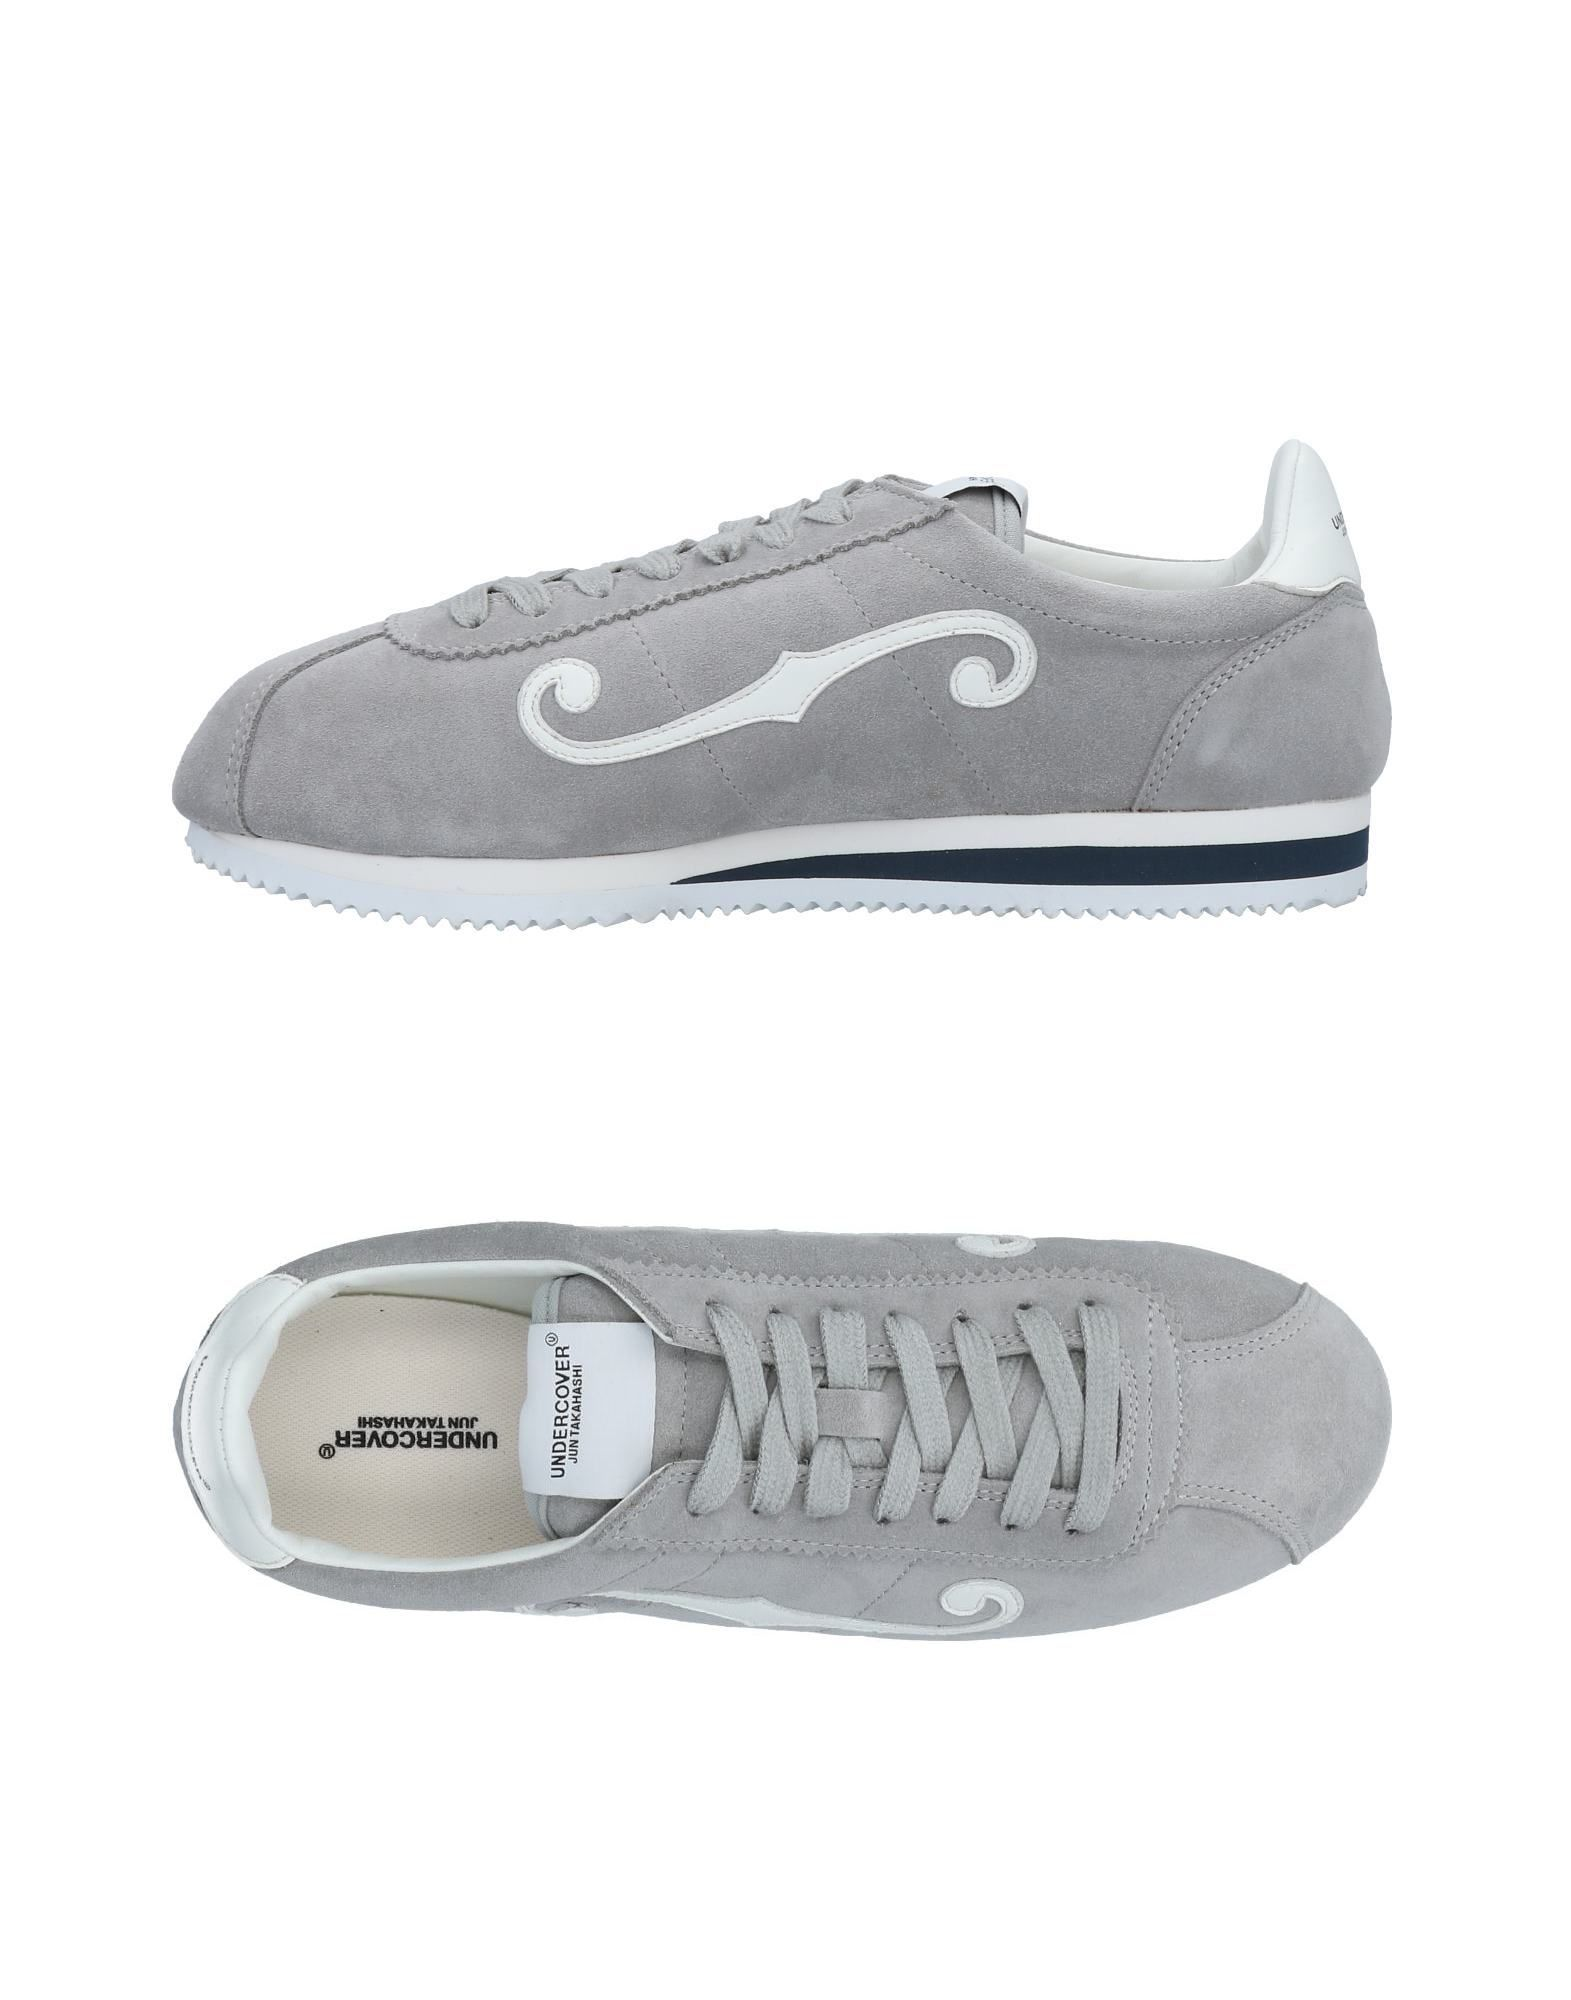 Sneakers Undercover Uomo - 11494766UR Scarpe economiche e buone